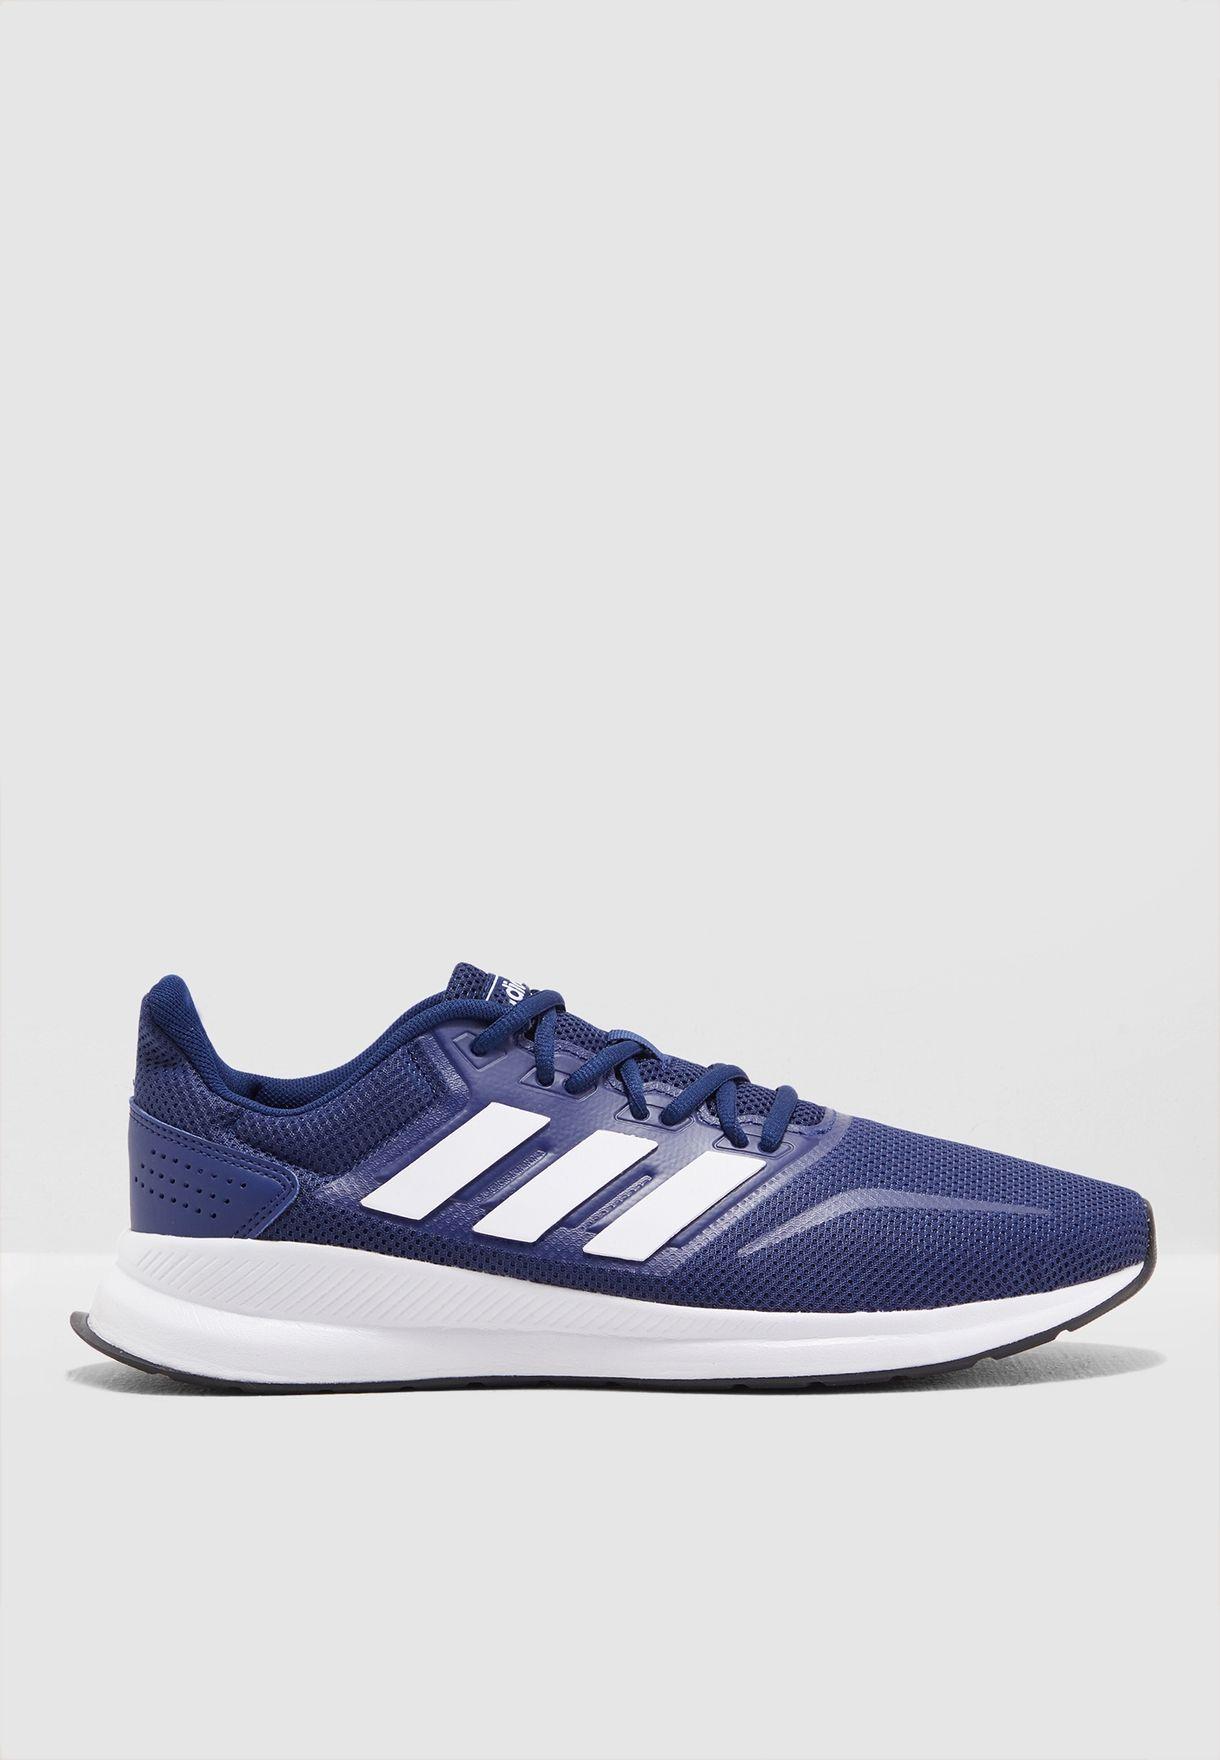 buy online 3051b 0fffe Shop adidas blue Runfalcon F36201 for Men in UAE - 14448SH94CUP